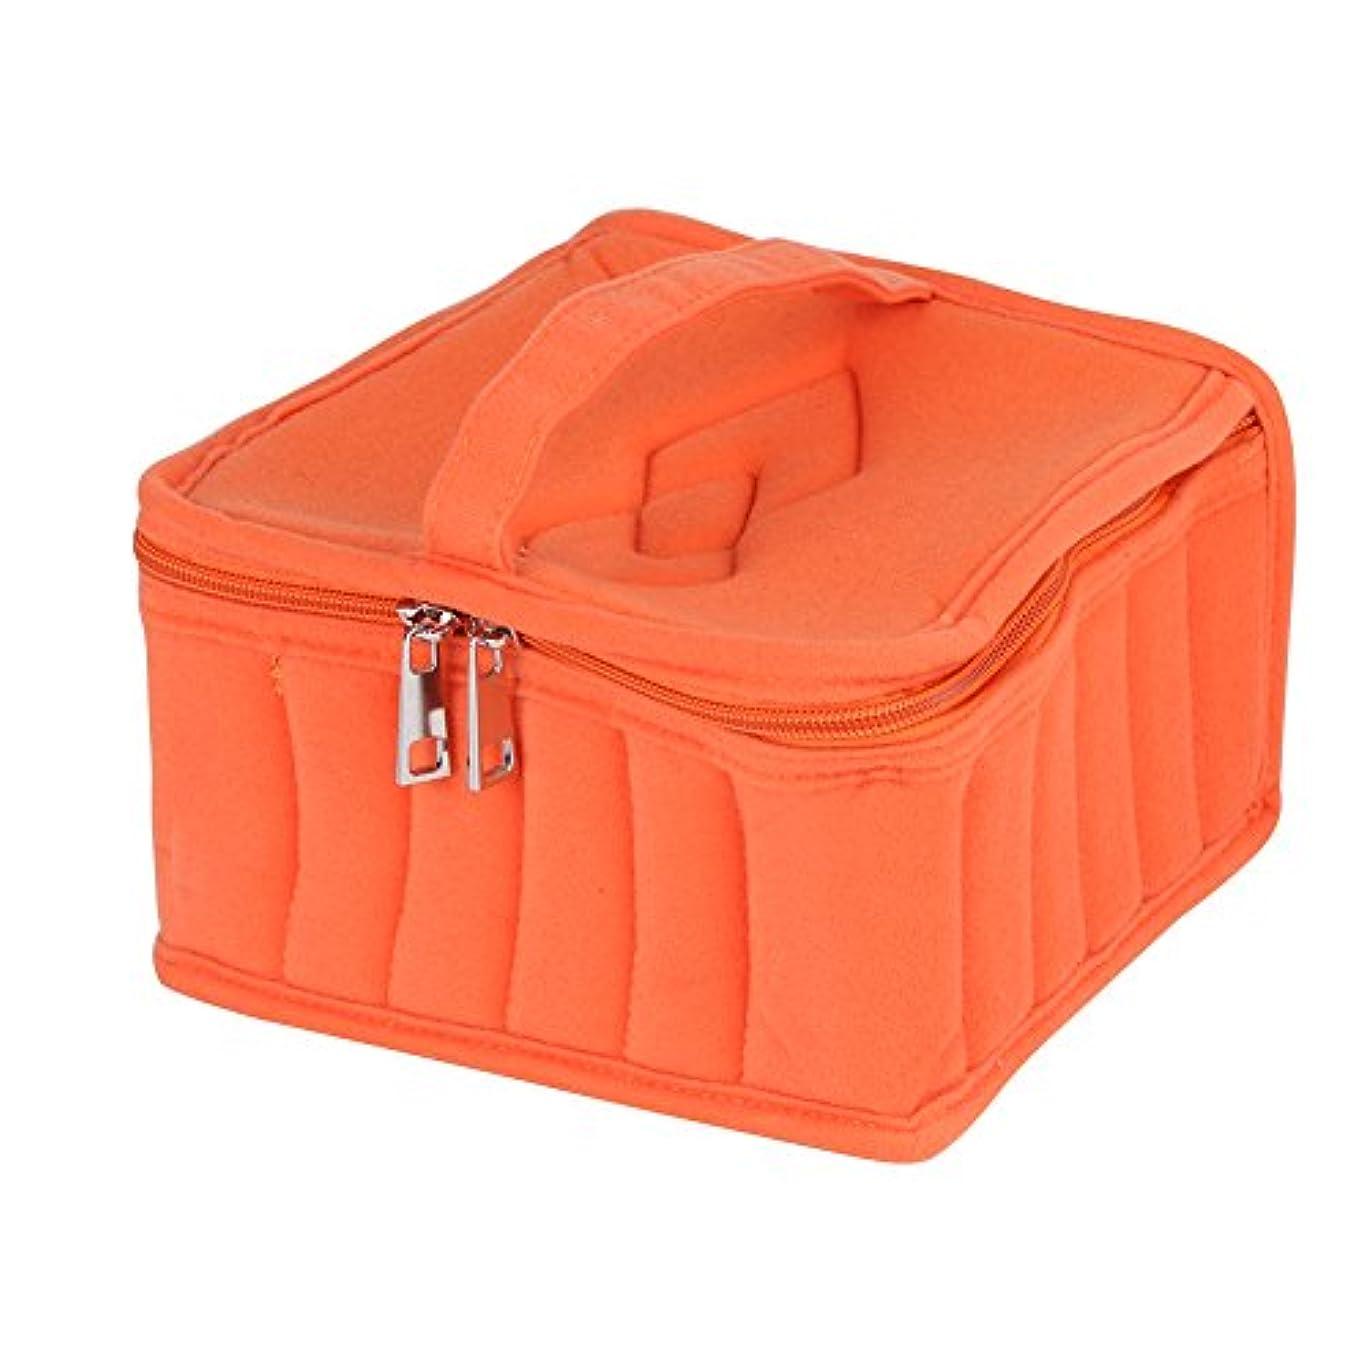 護衛腐った工業用2色5スロット精油ケース旅行オーガナイザー用5ミリリットル/ 10ミリリットル/ 15ミリリットルボトル収納バッグ(オレンジ)